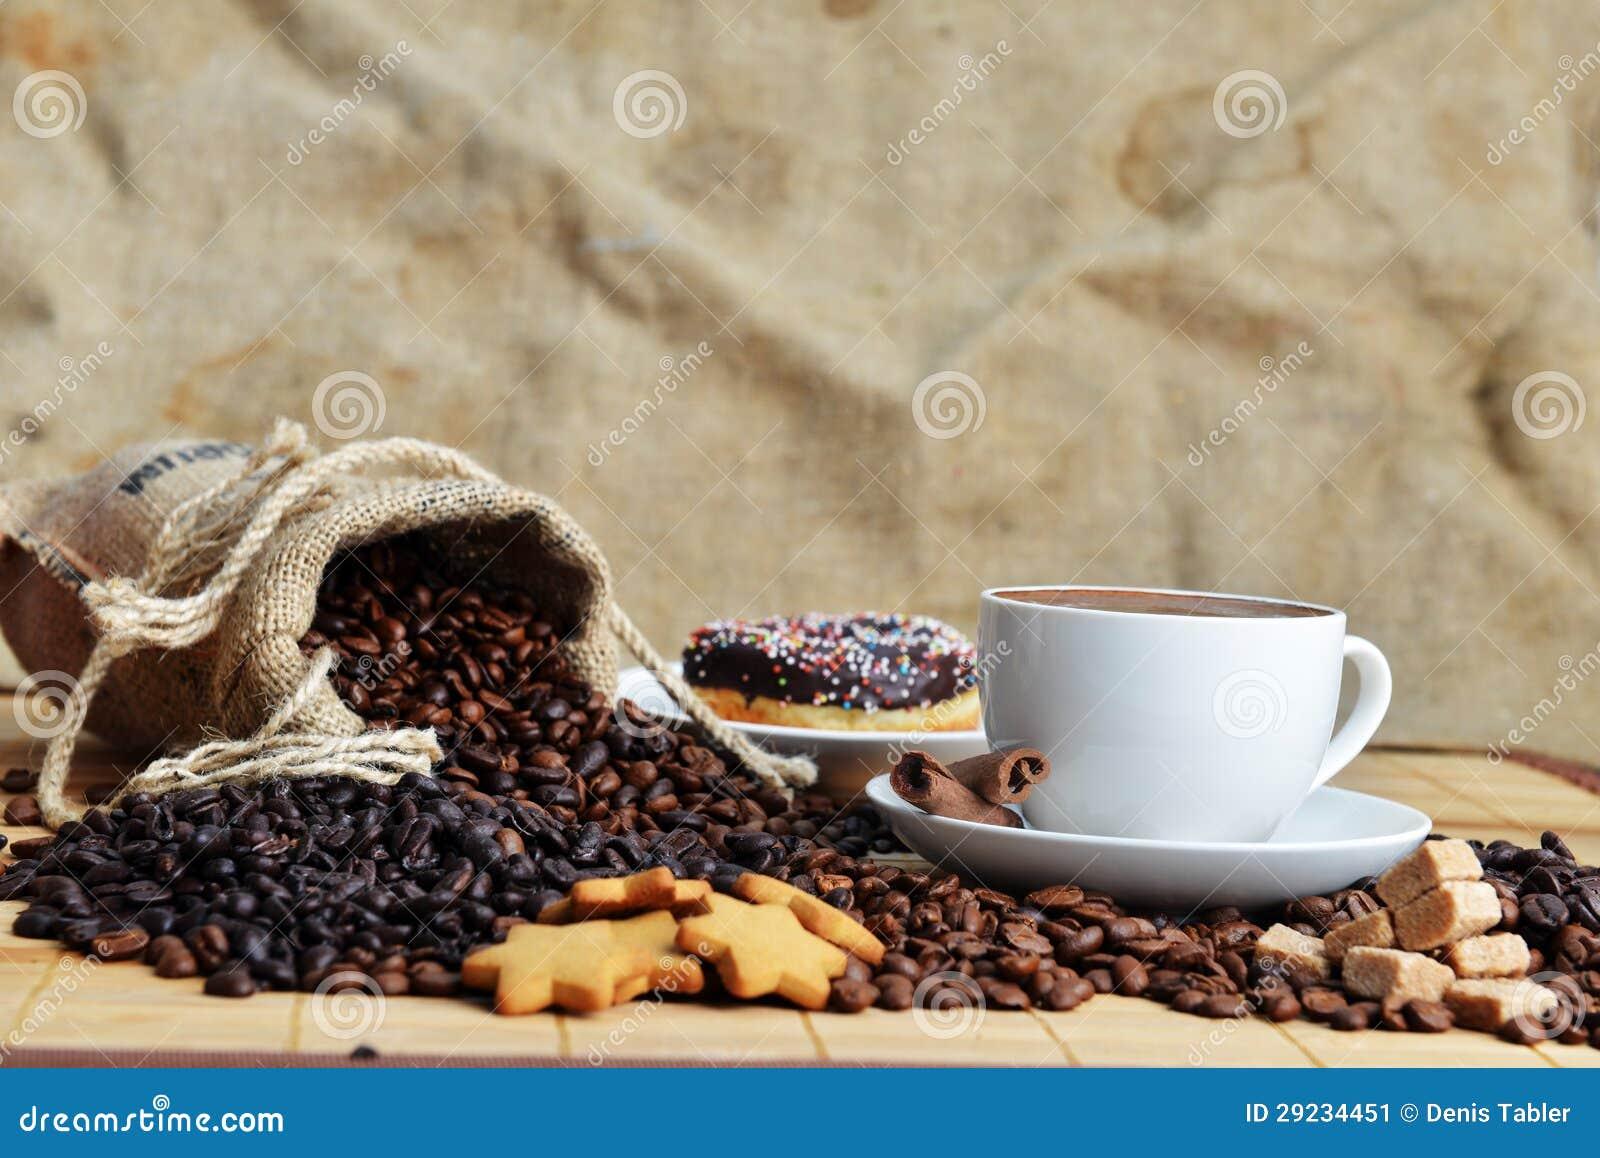 Download Feijões de café imagem de stock. Imagem de copo, sabor - 29234451